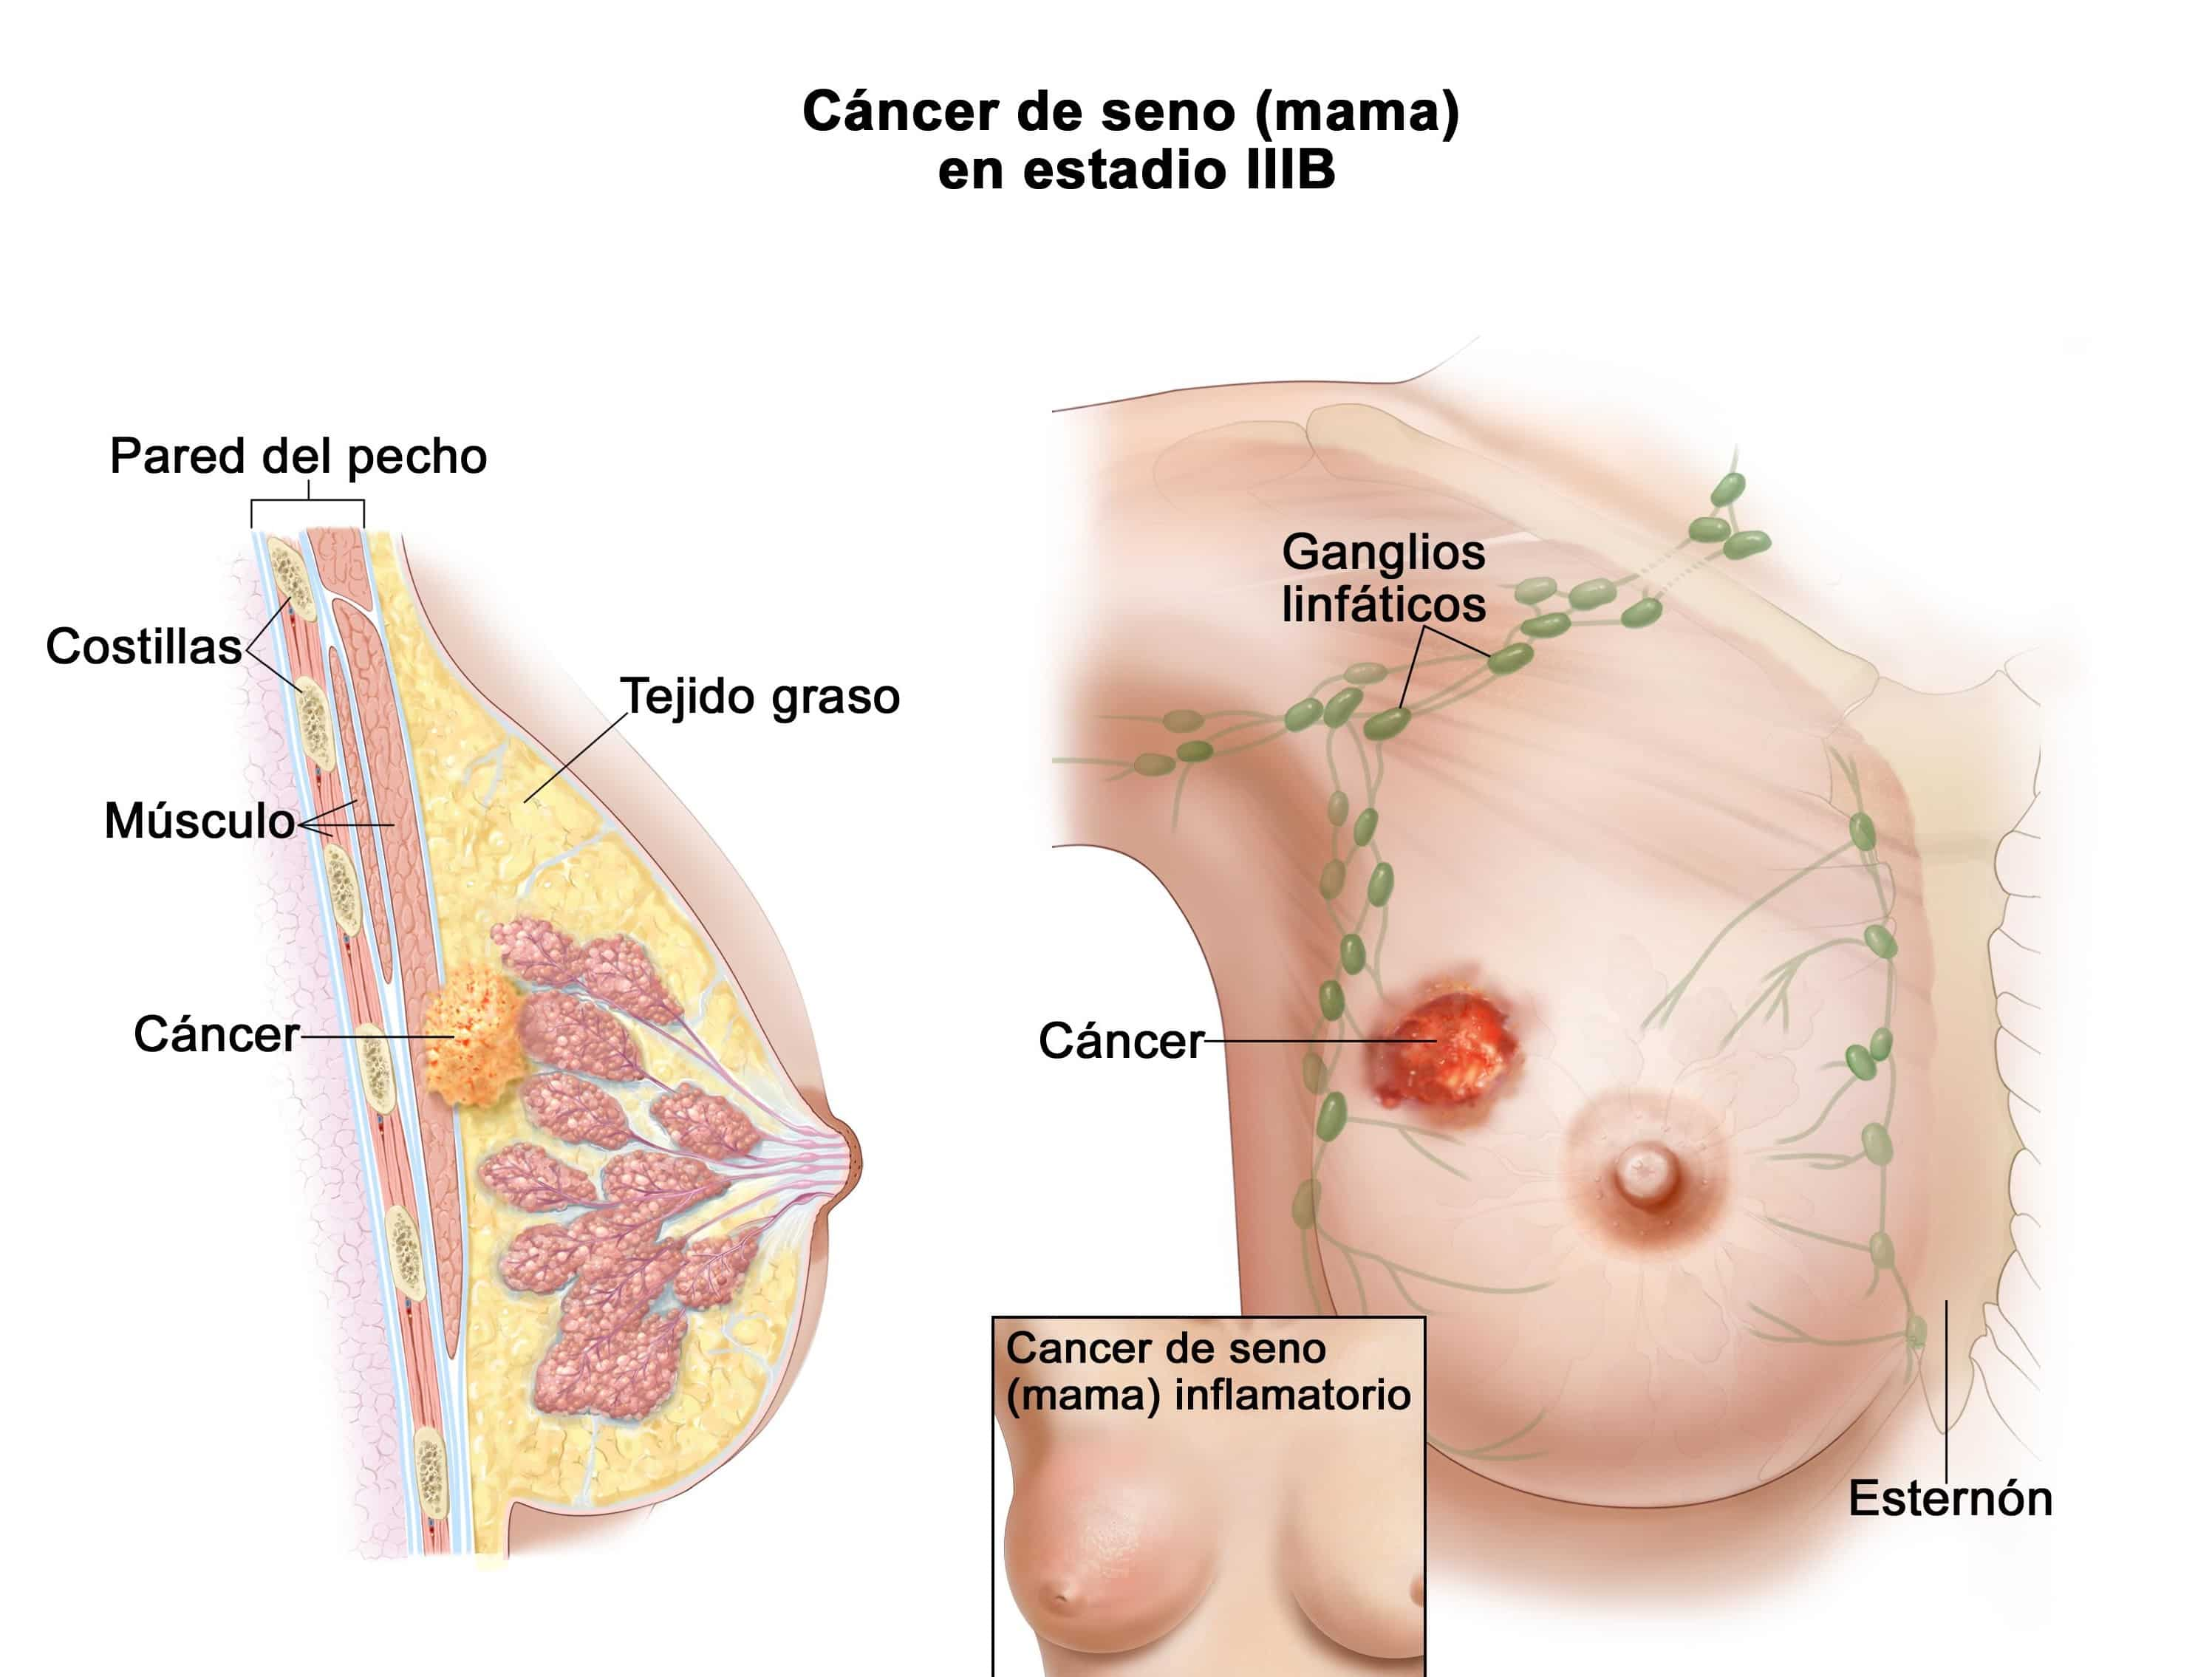 Ganglios linfáticos: ¿Qué son? Anatomía, función, estructura y mucho más